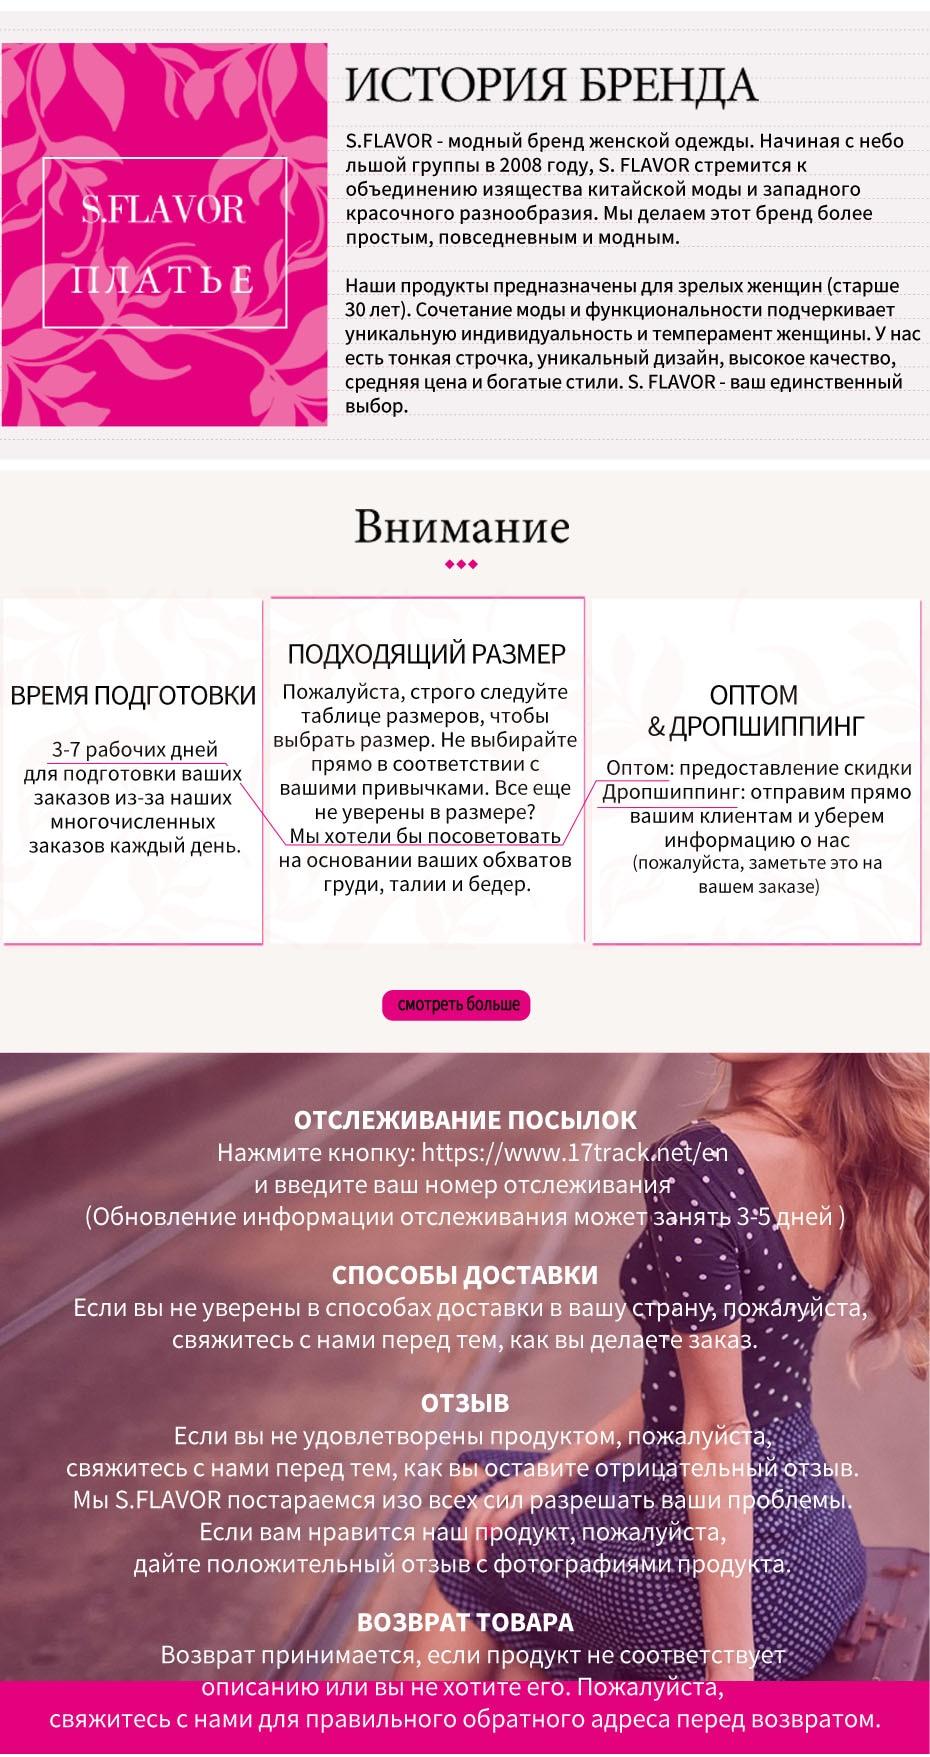 俄语-930